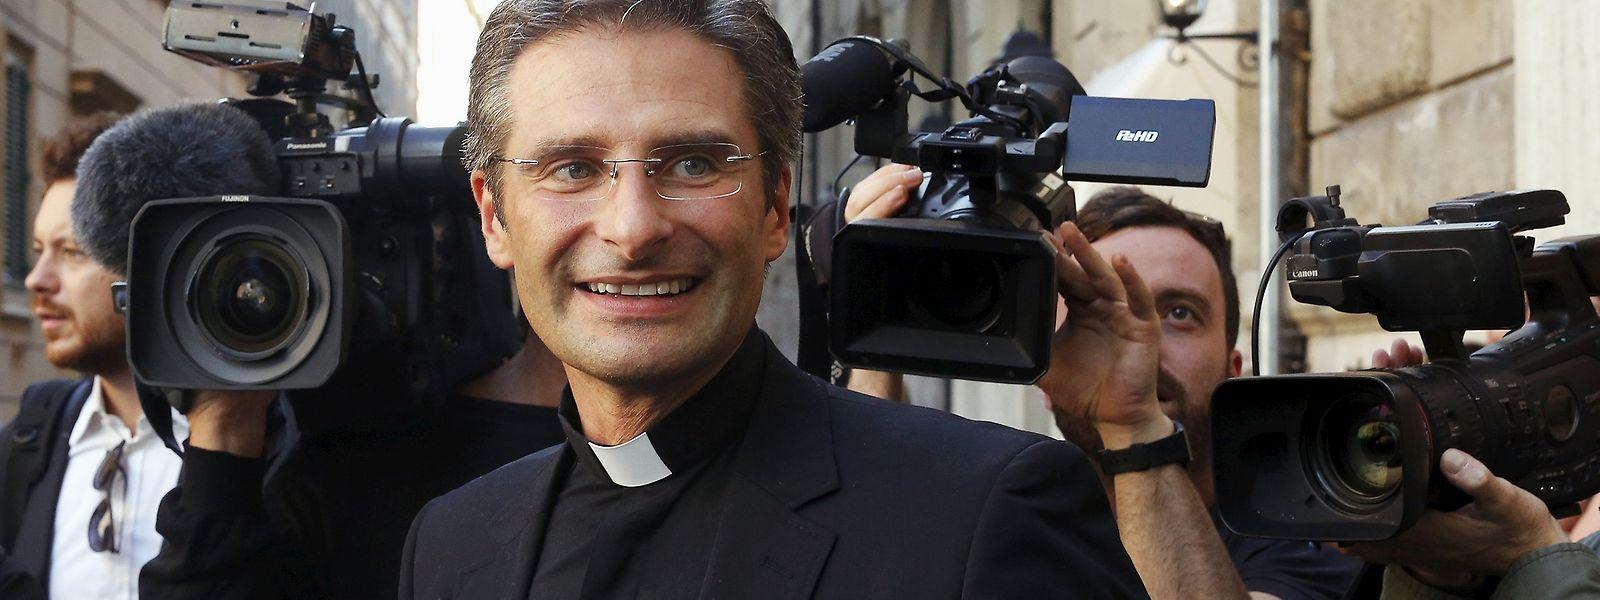 Krzysztof Charamsa arbeitete seit 2003 in der Glaubenskongregation.